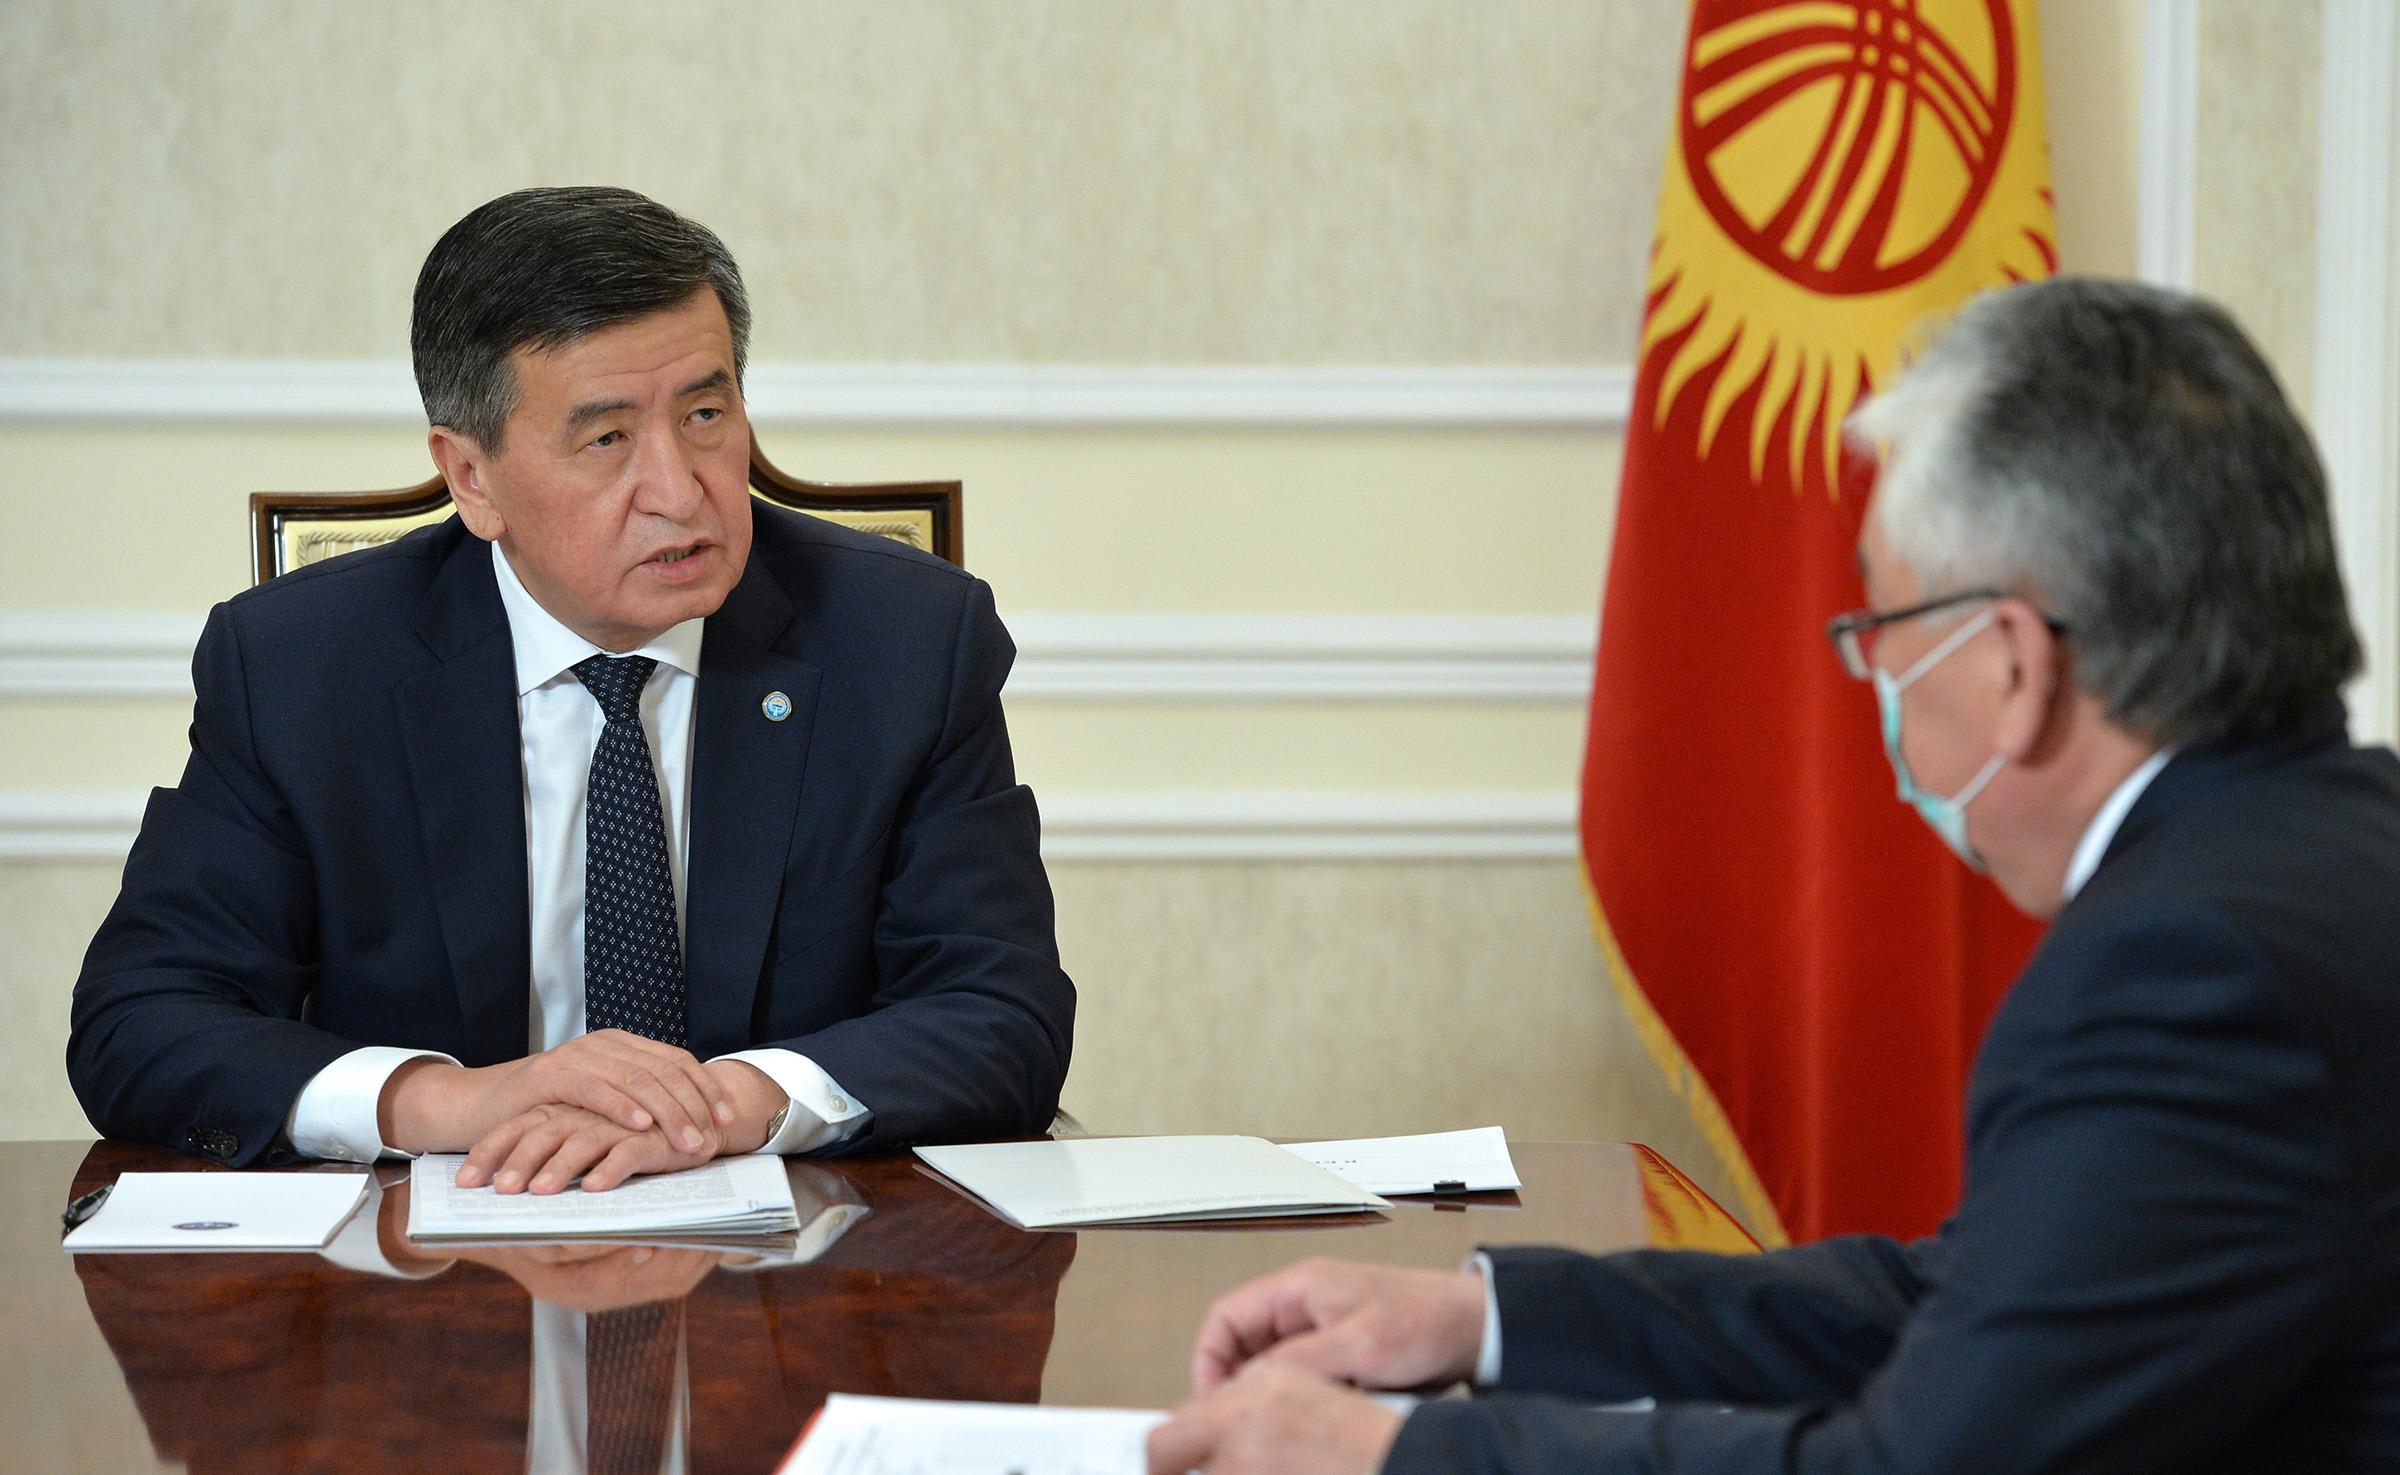 Президент саламаттык сактоо министрине коронавирус катталган аймактарда көзөмөлдү күчөтүүнү тапшырды